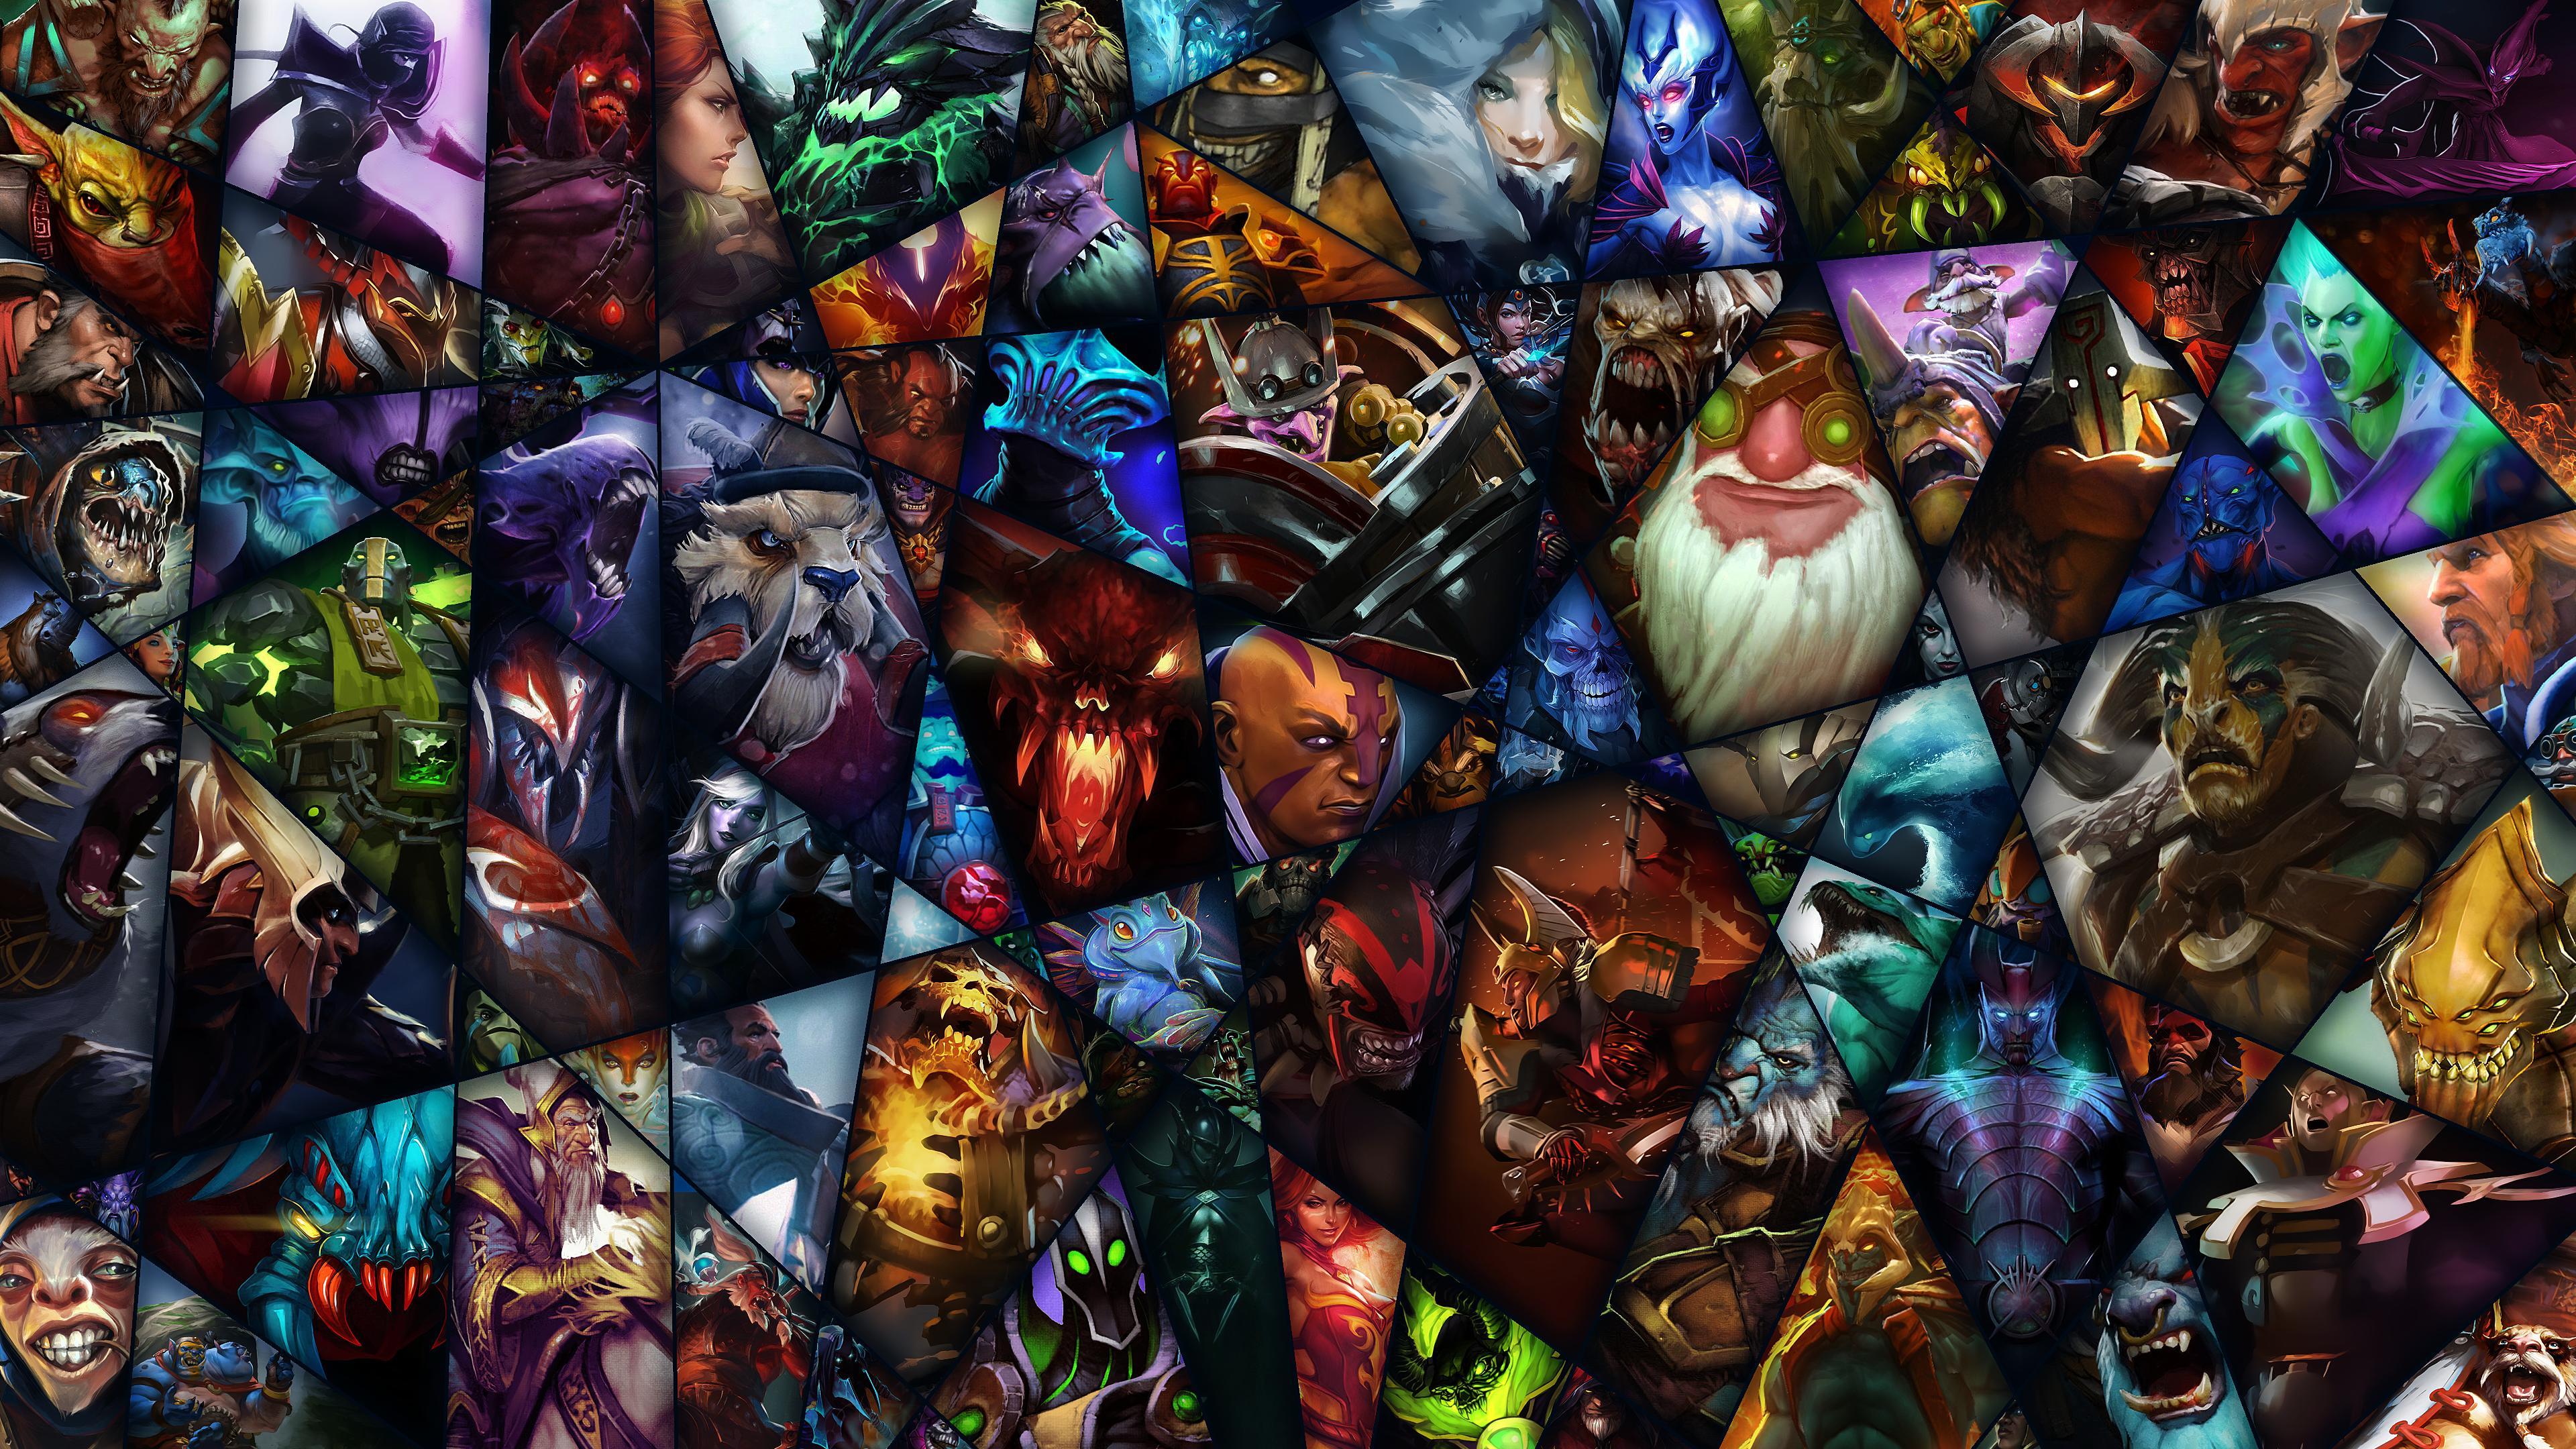 Количество играющих в Dota 2 одновременно превысило 1 млн. человек - Изображение 1